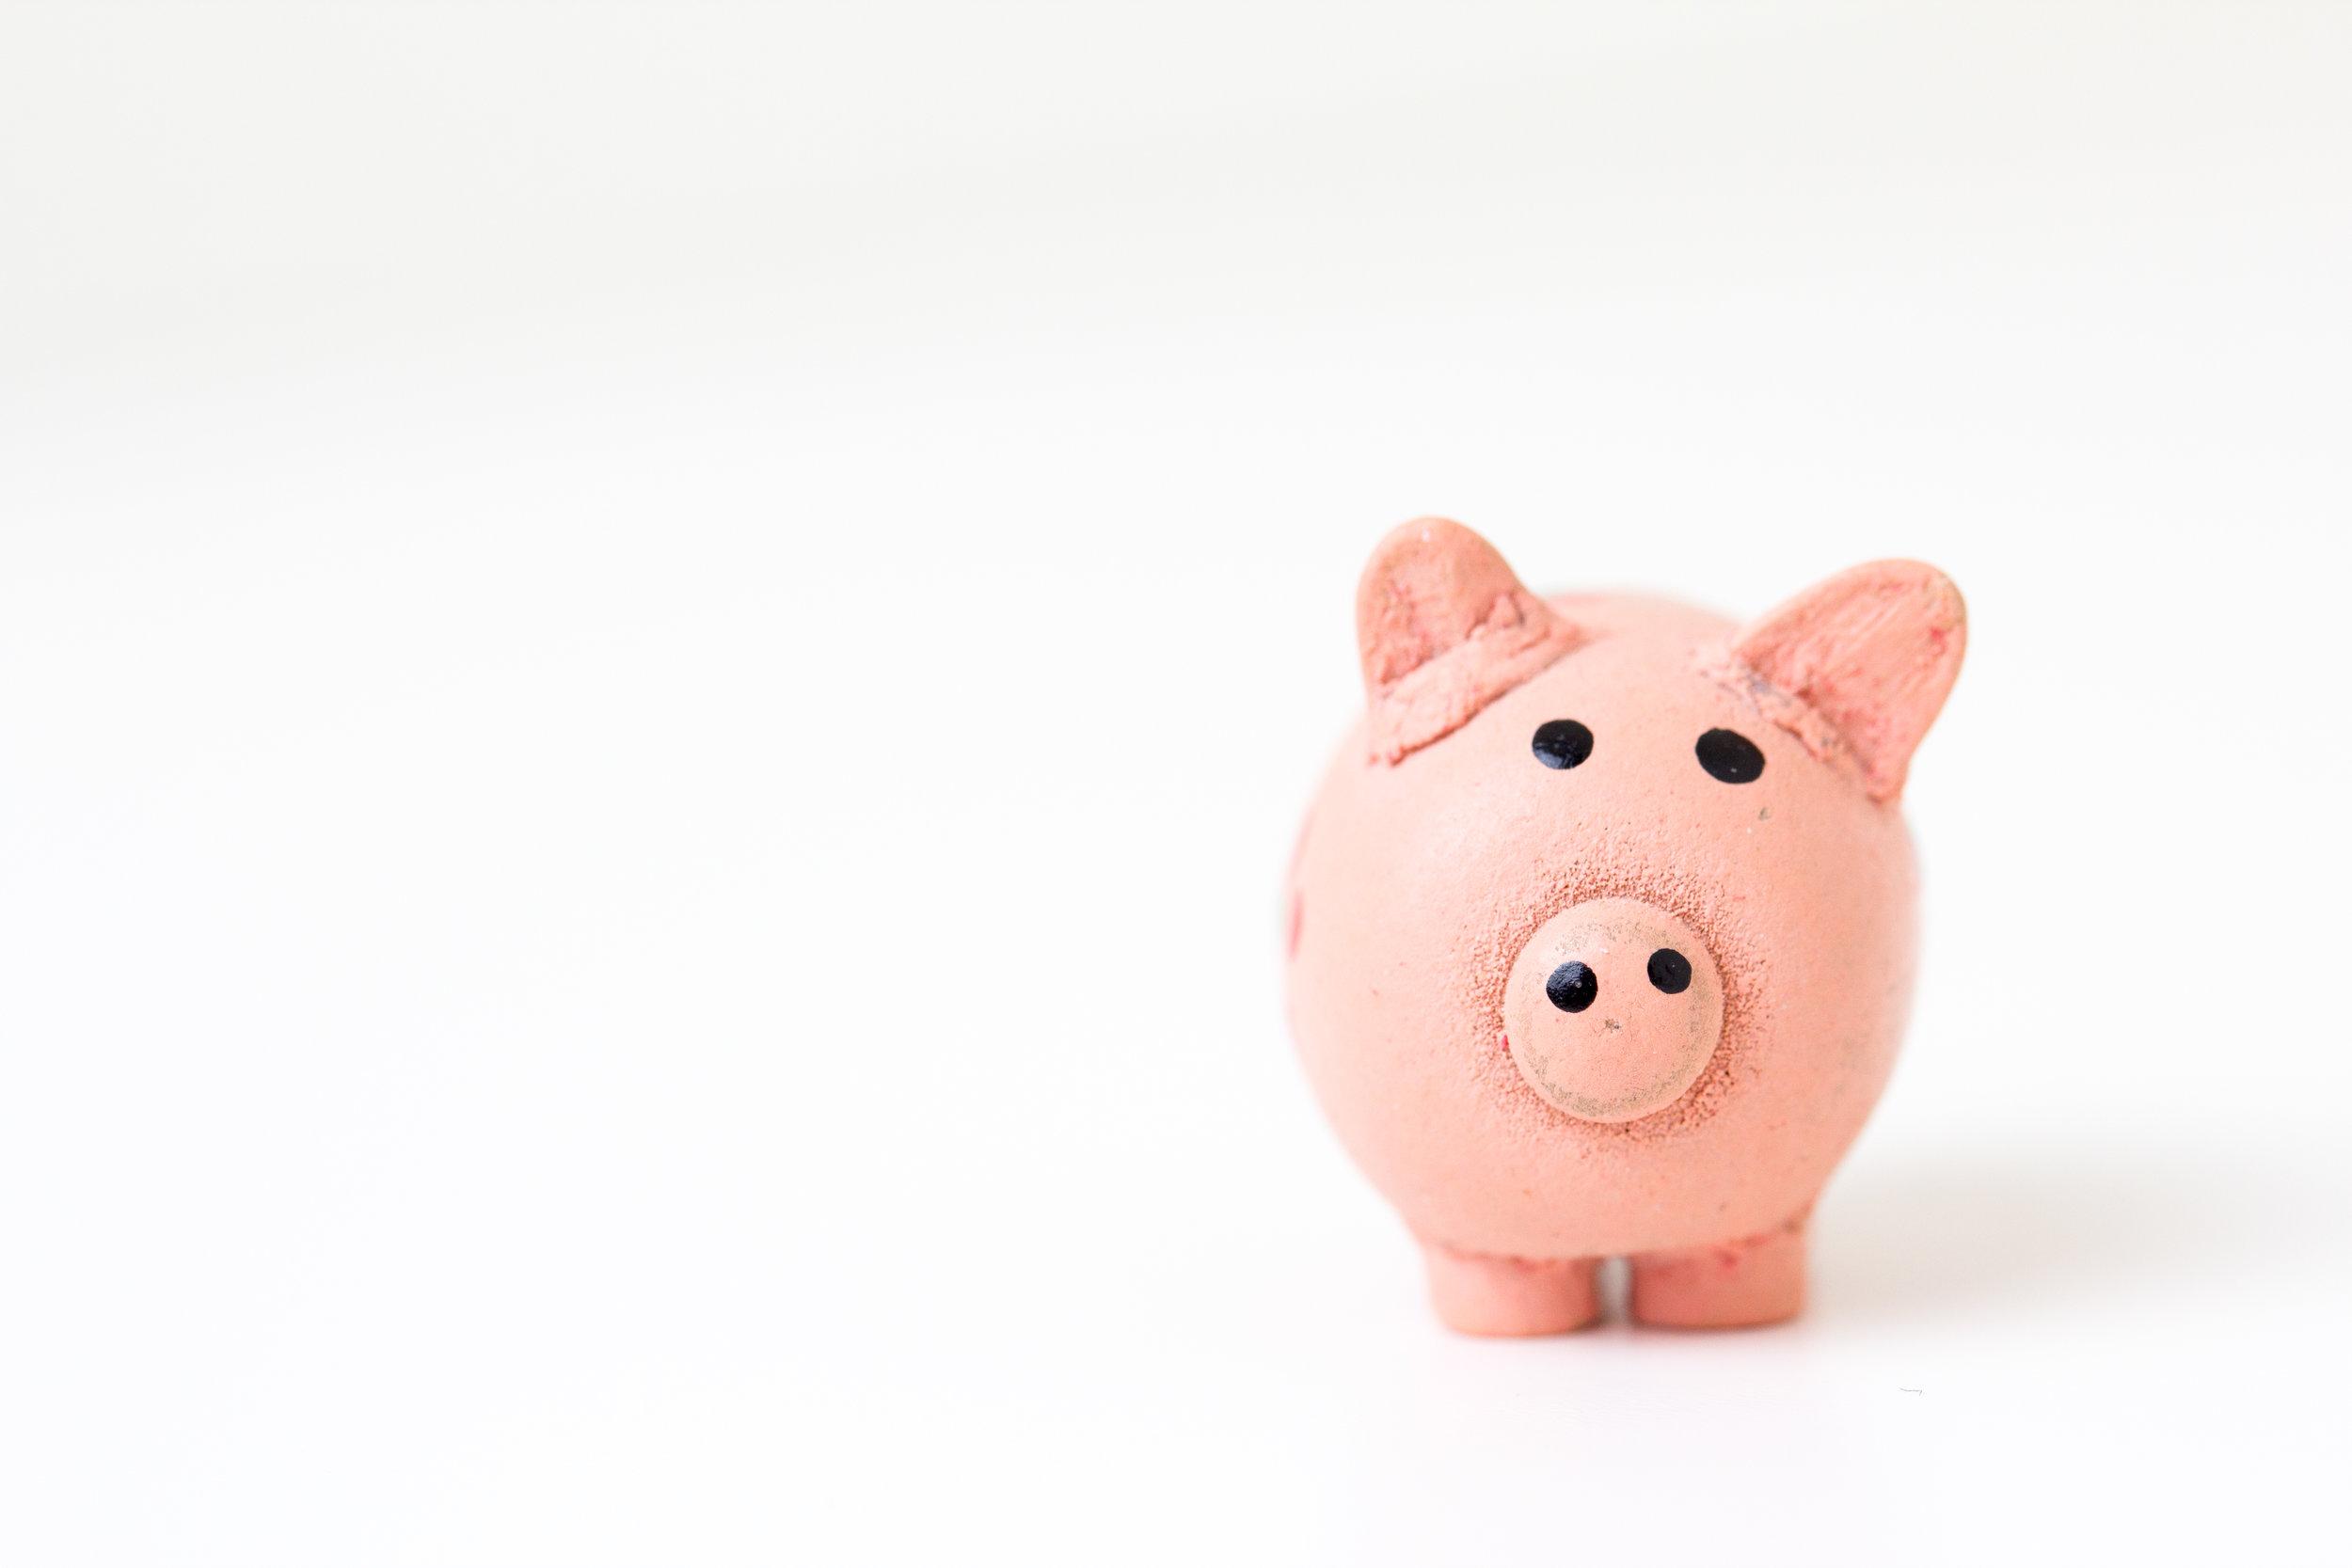 Få mer ut av markedsføringen - Det koster fem ganger så mye å hanke inn en ny kunden som å beholde en eksisterende. Ved å motvirke frafall og tap av eksisterende kunder kan du få mer ut av pengene du legger i markedsføringen enn i å rekruttere nye.